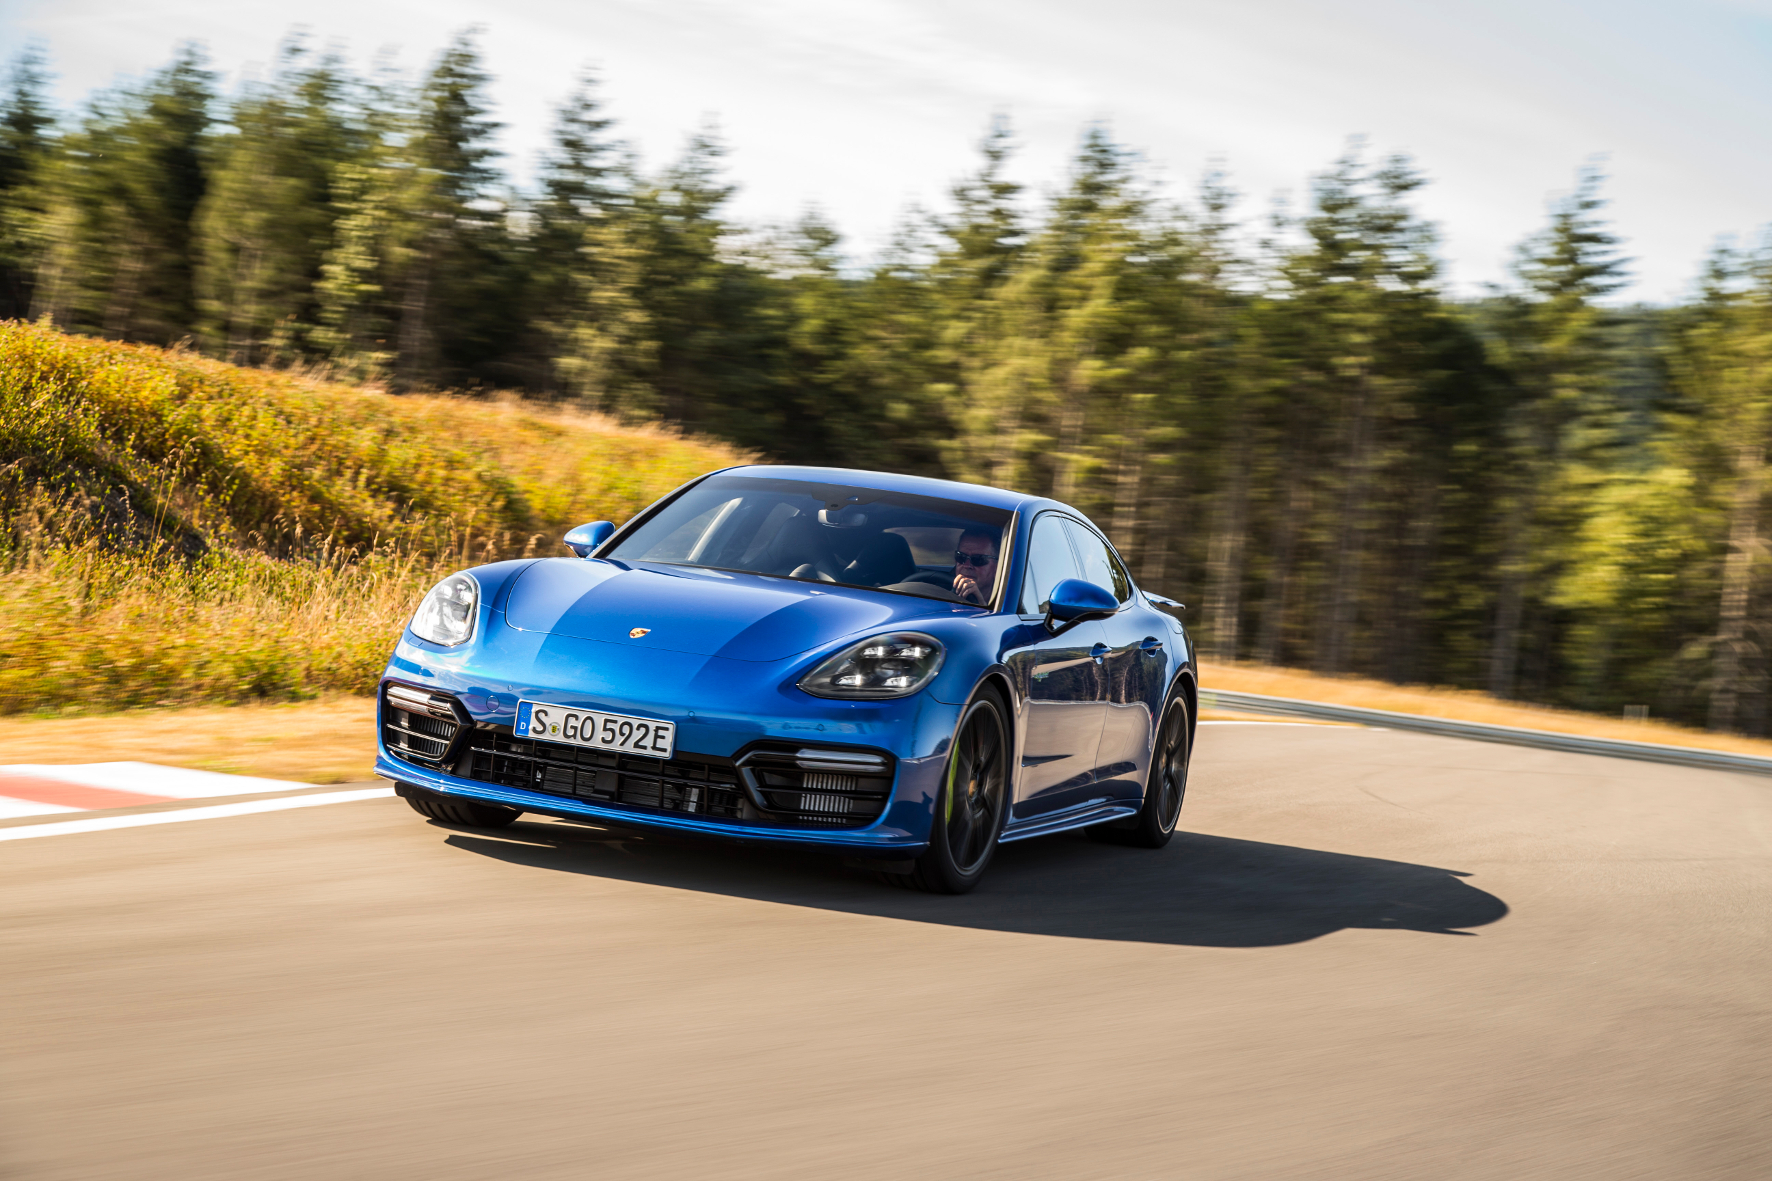 Topmodell: Panamera E-Hybrid von Porsche mit elektrischem Leistungskit